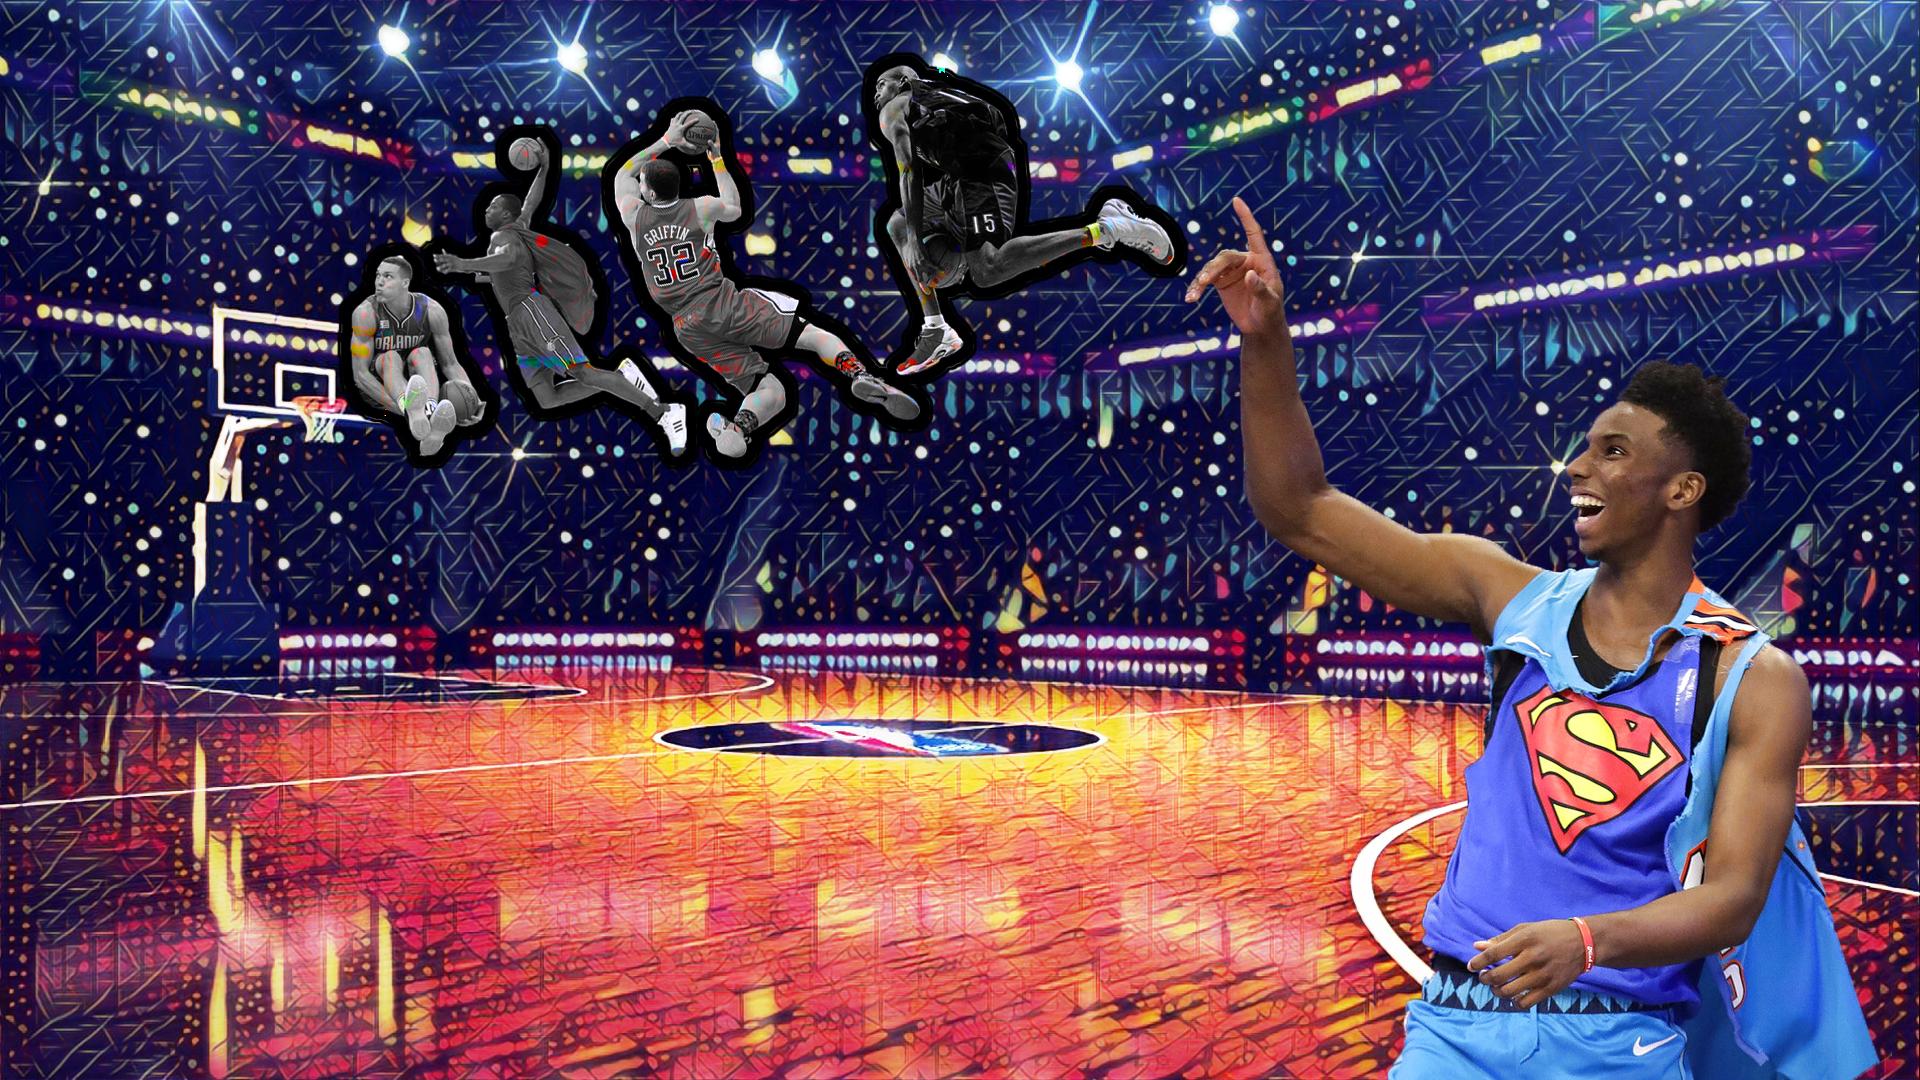 NBAAllStarWeekendFix.jpg